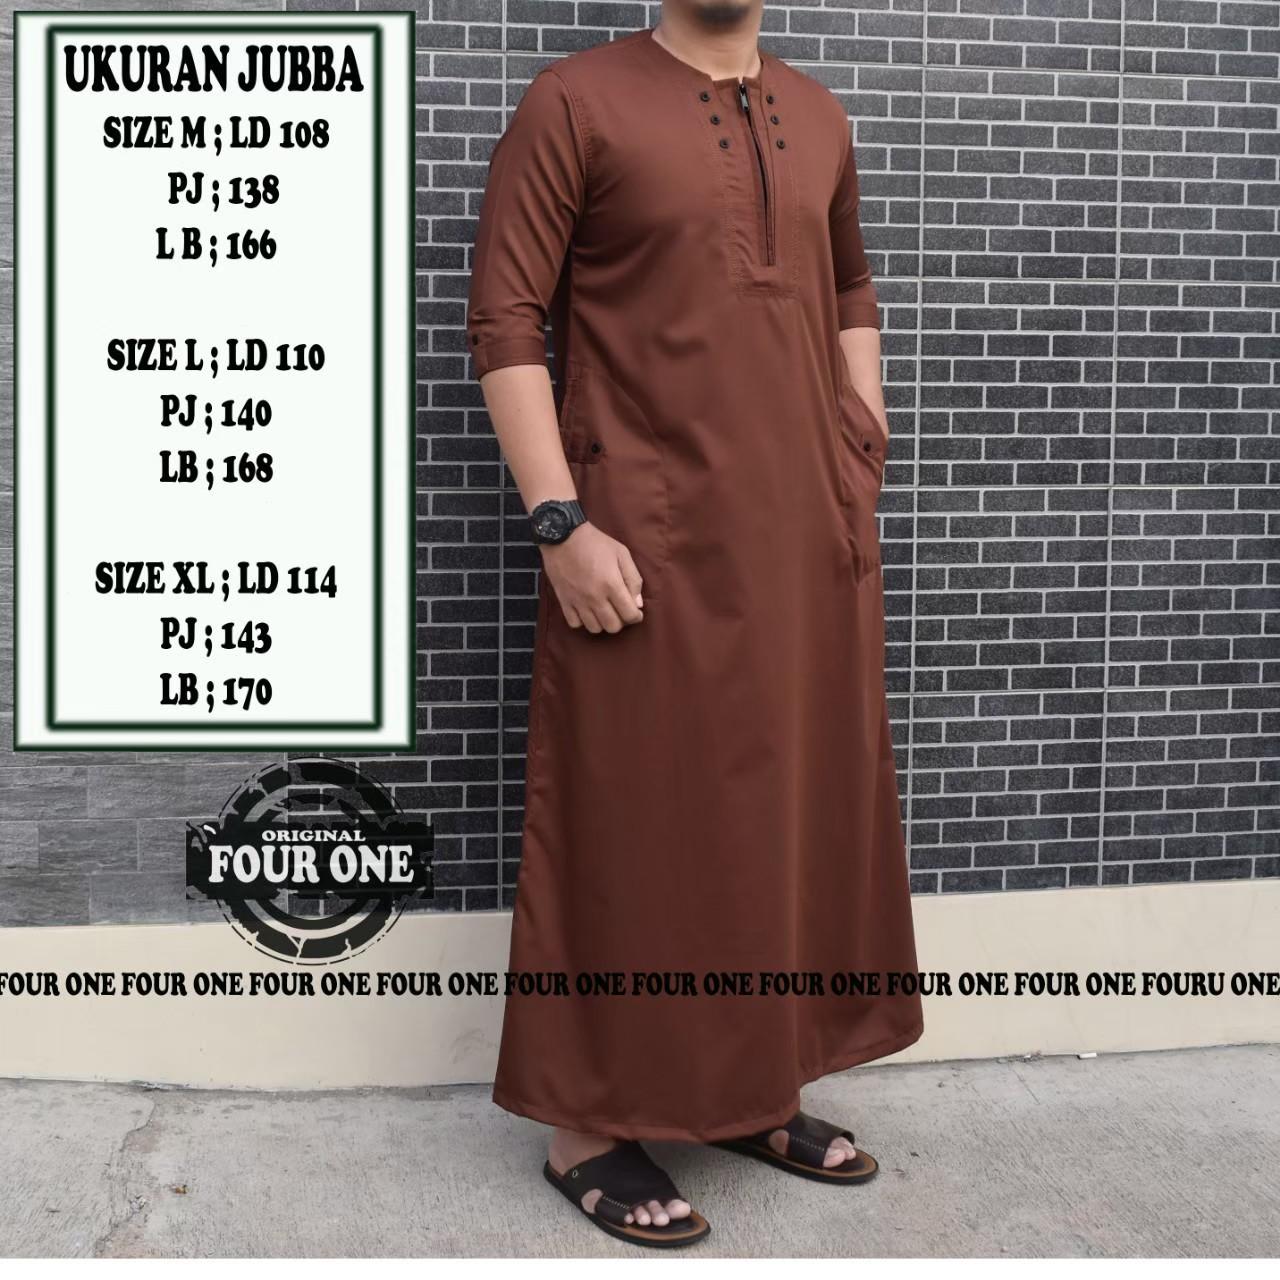 Remaja Style - Jubah Gamis Muslim Pria / Jubah Original / Baju Jubah  Original Mat Toyobo Premium Import / Jubah Pria Terbaru 8 / Jubah  Terbaru /